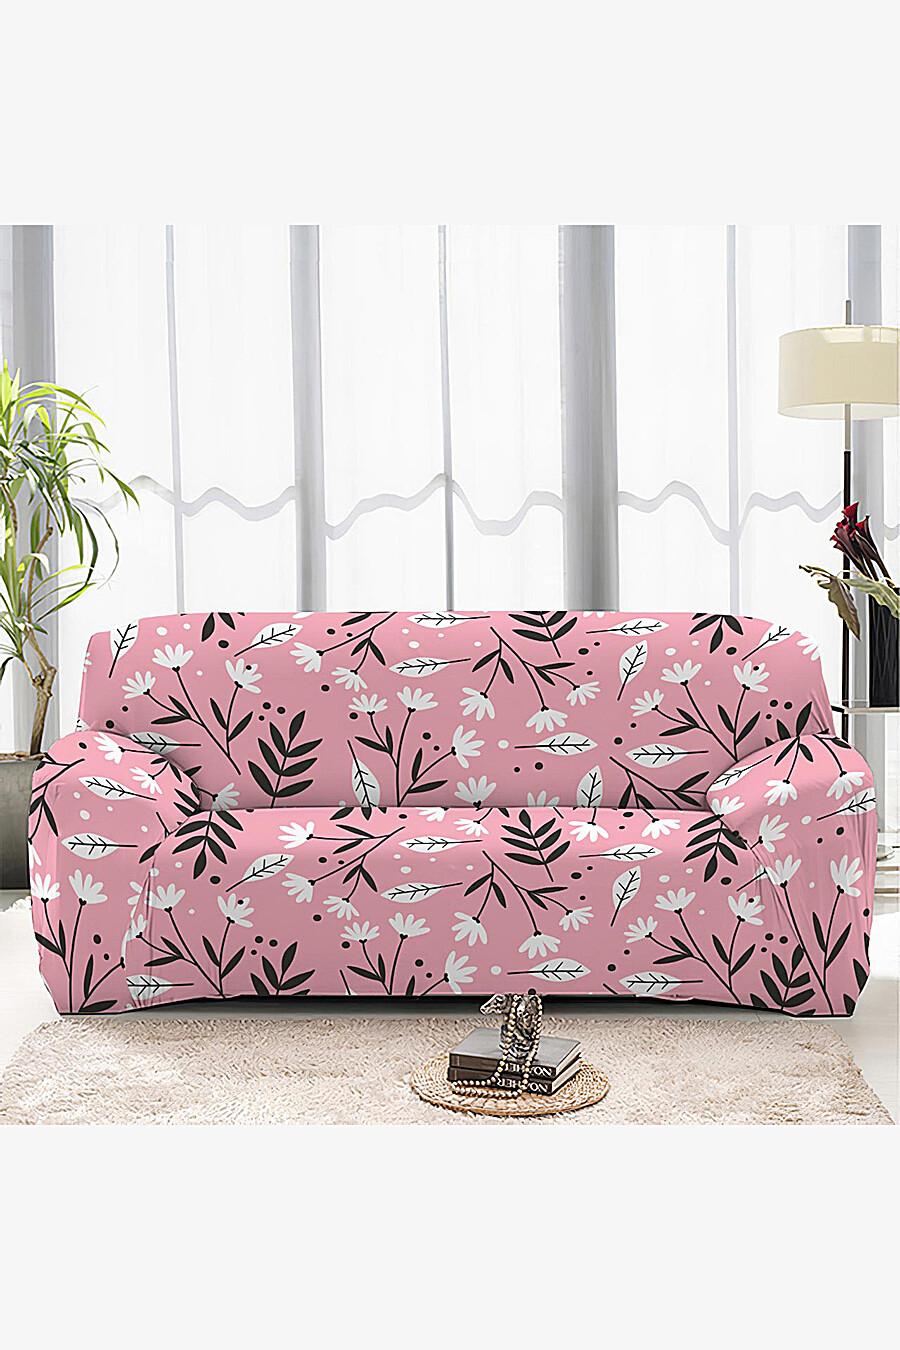 Чехол на диван для дома ART HOME TEXTILE 162903 купить оптом от производителя. Совместная покупка товаров для дома в OptMoyo